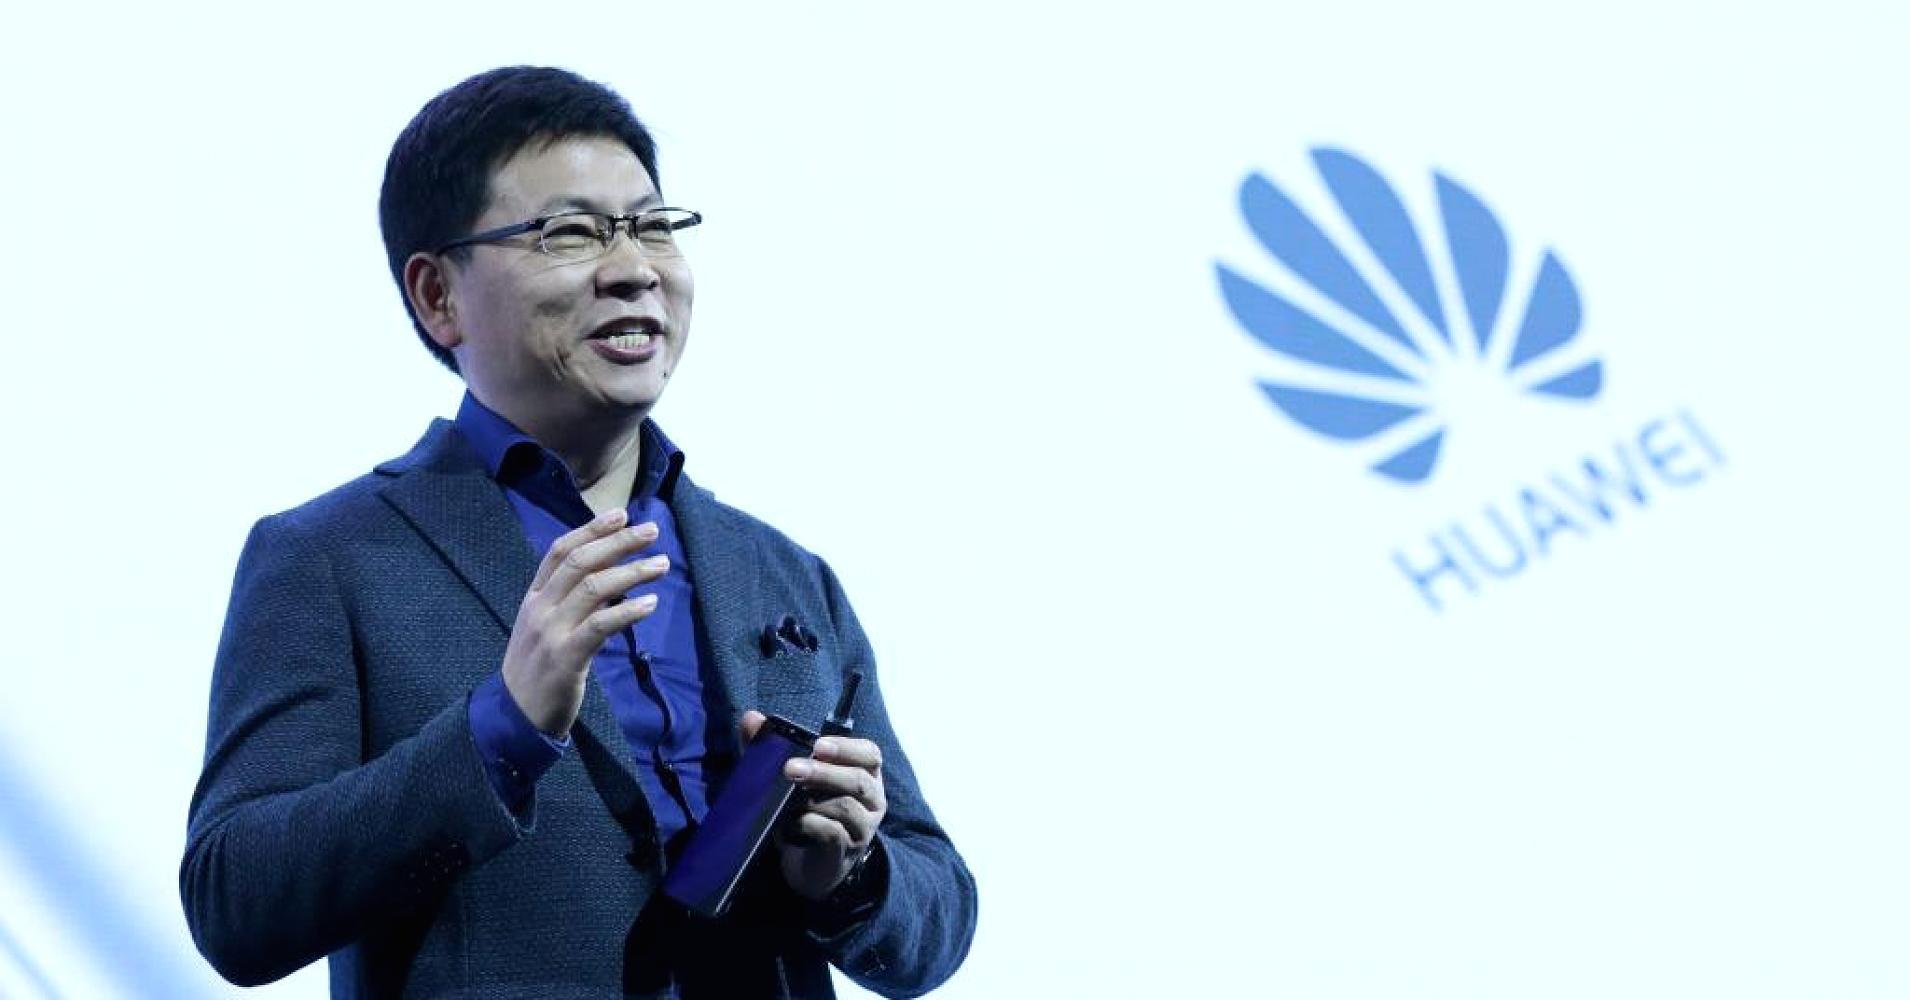 余承东:华为P20系列新机将优于苹果iPhoneX